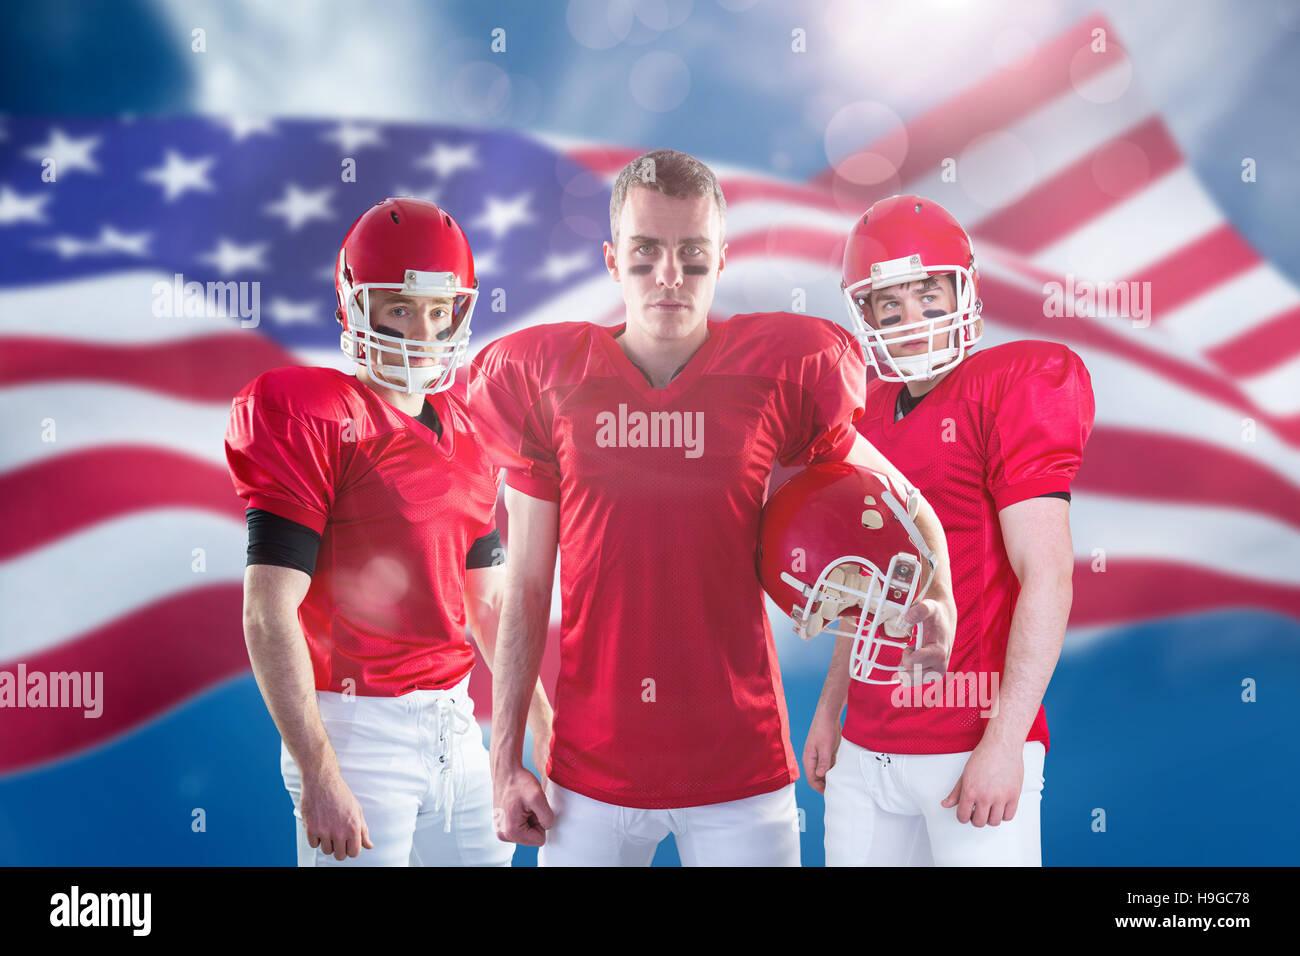 Immagine composita della squadra di football americano Immagini Stock